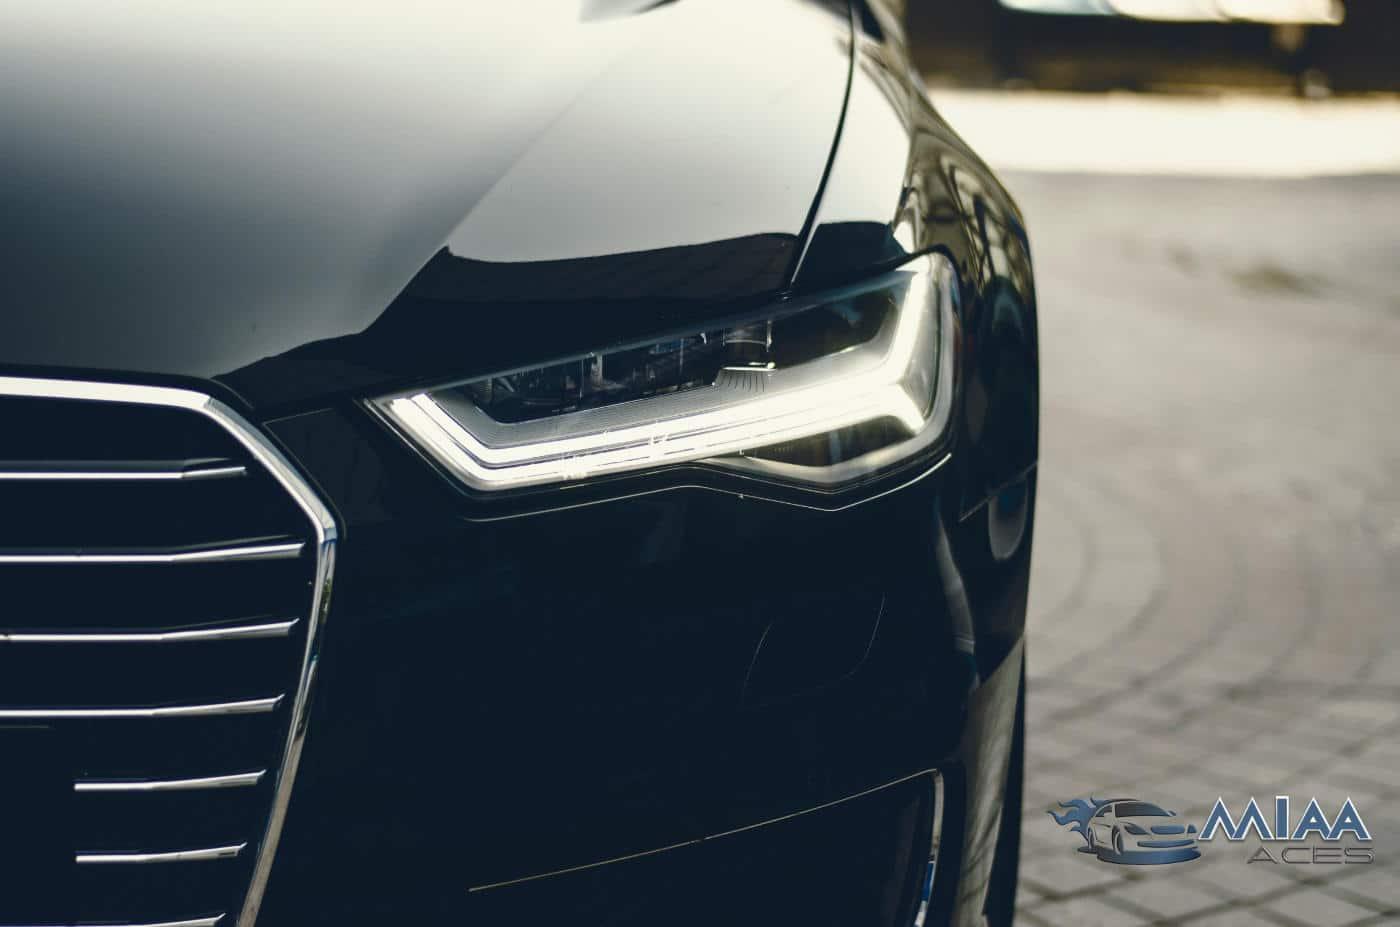 Komisijska prodaja vozila